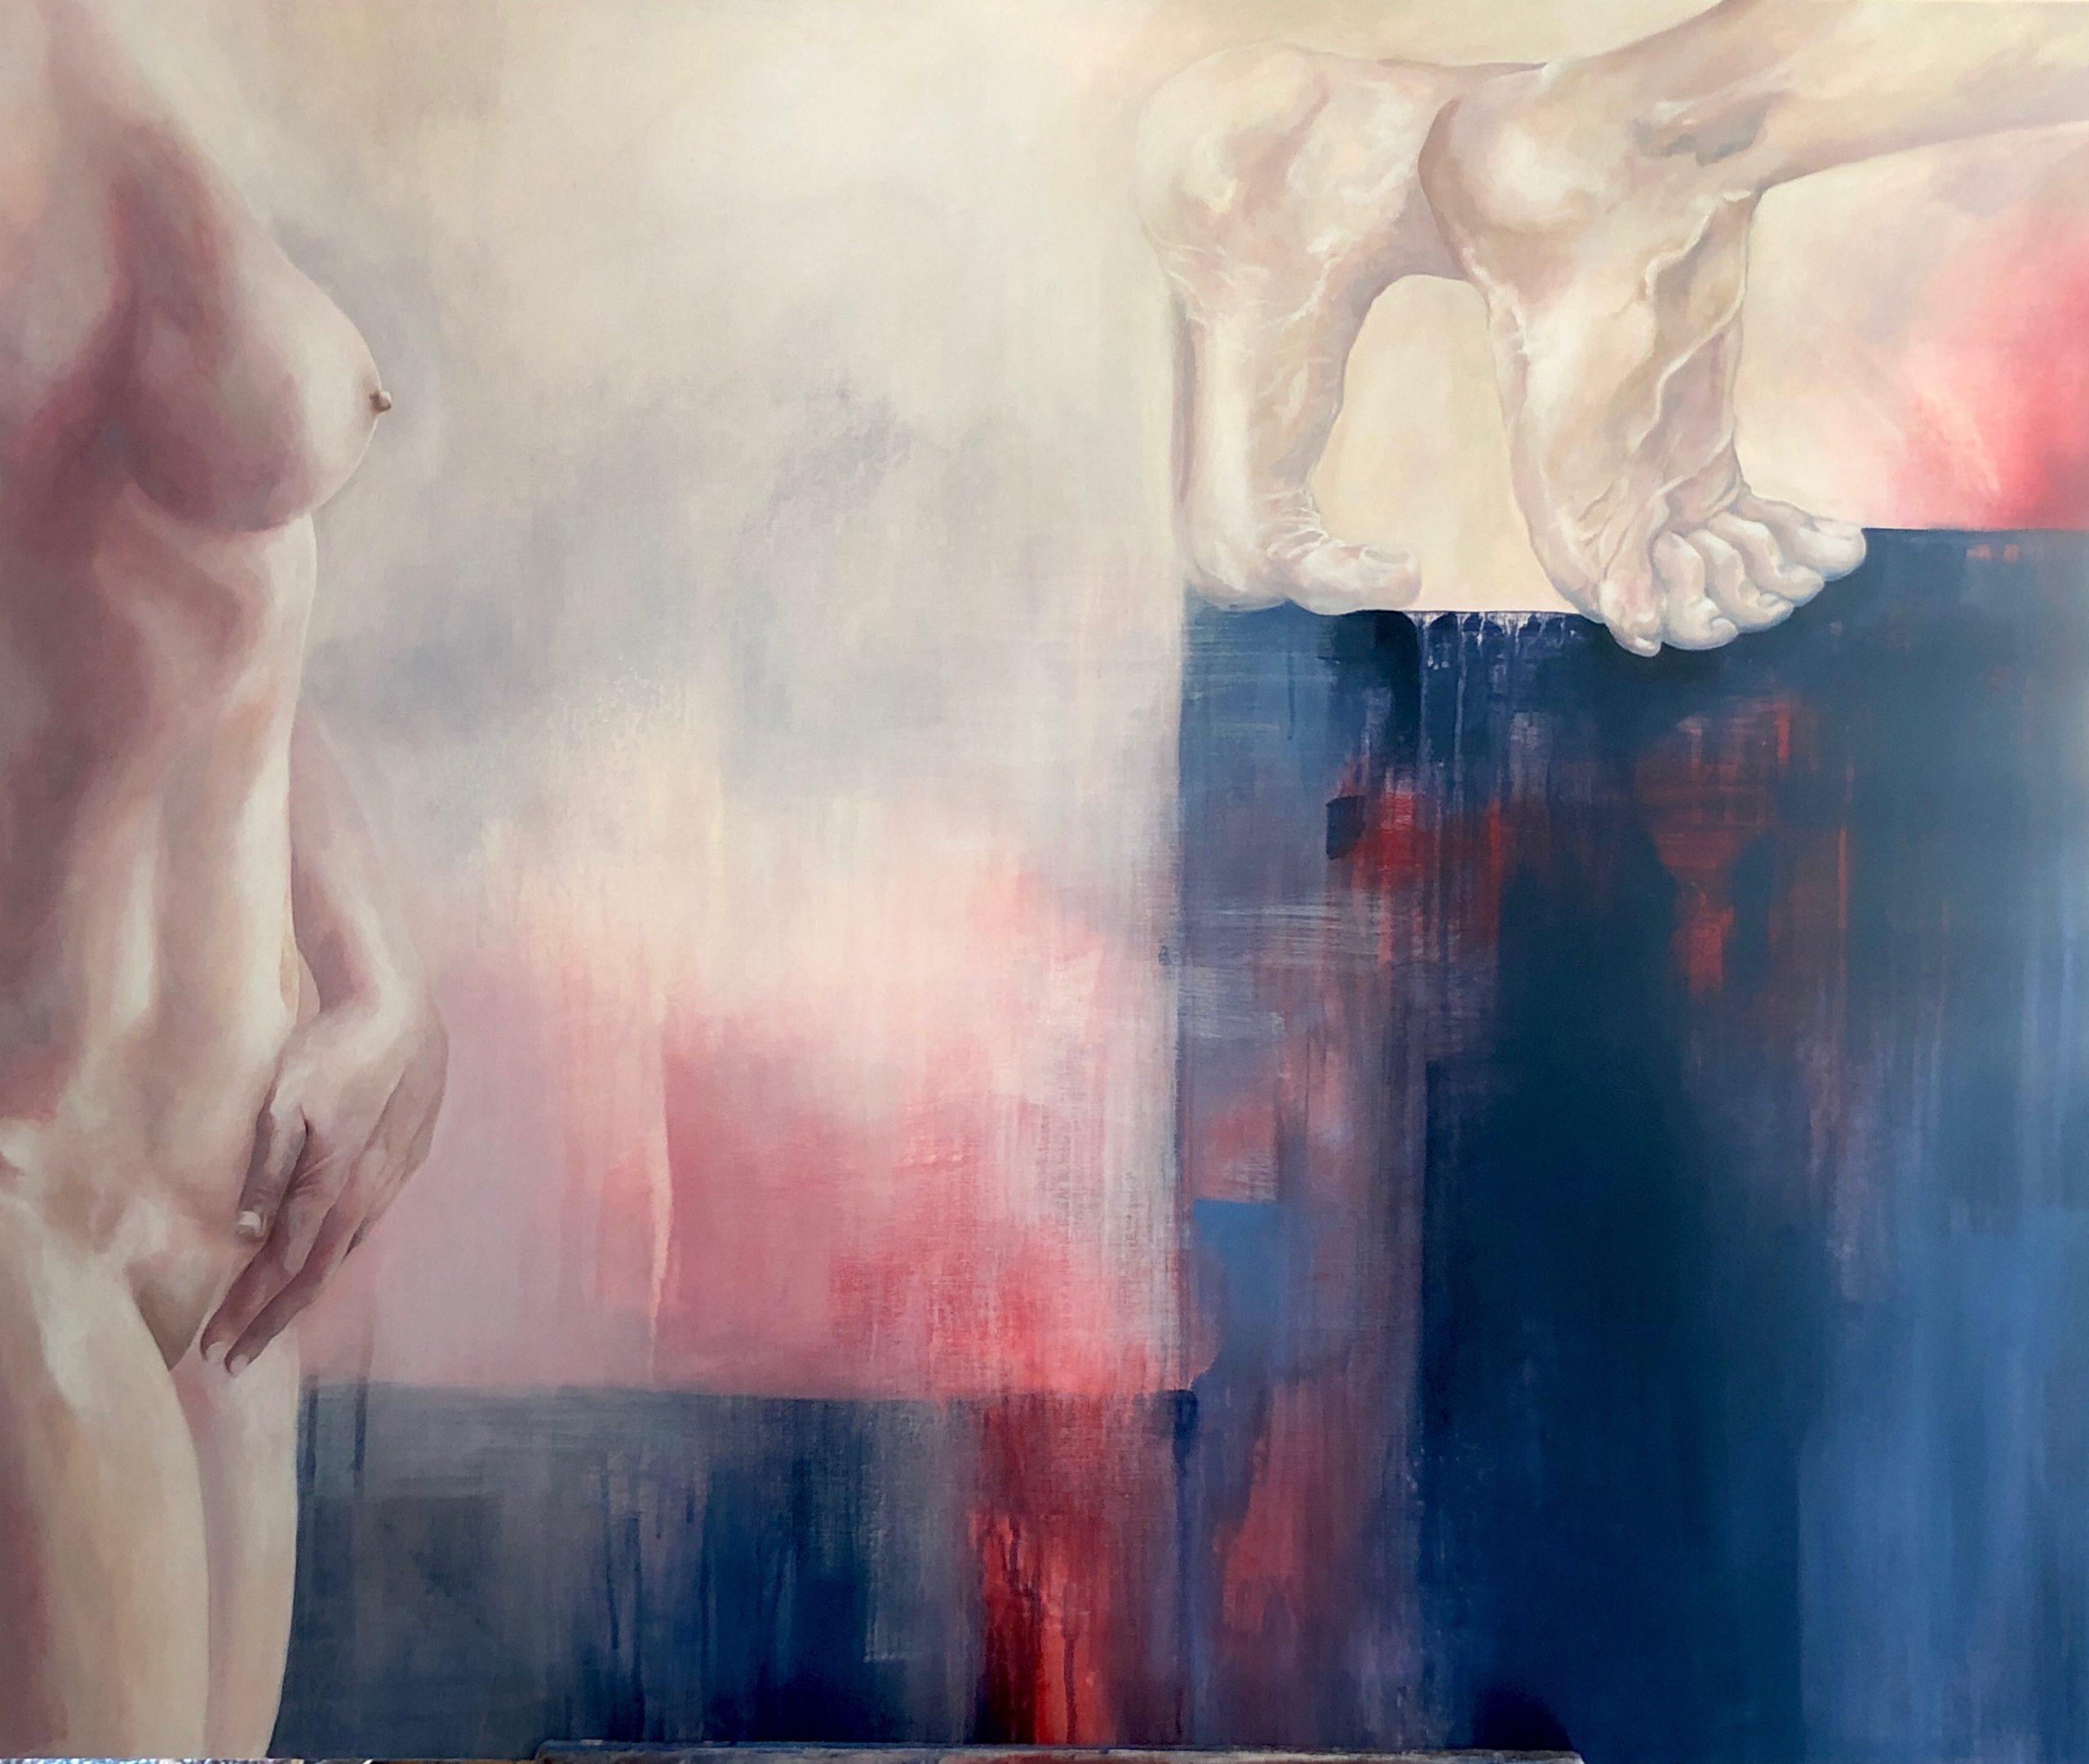 Ale Feijó | Poética de la partida, acrílico sobre lienzo, 120 x 100 cm